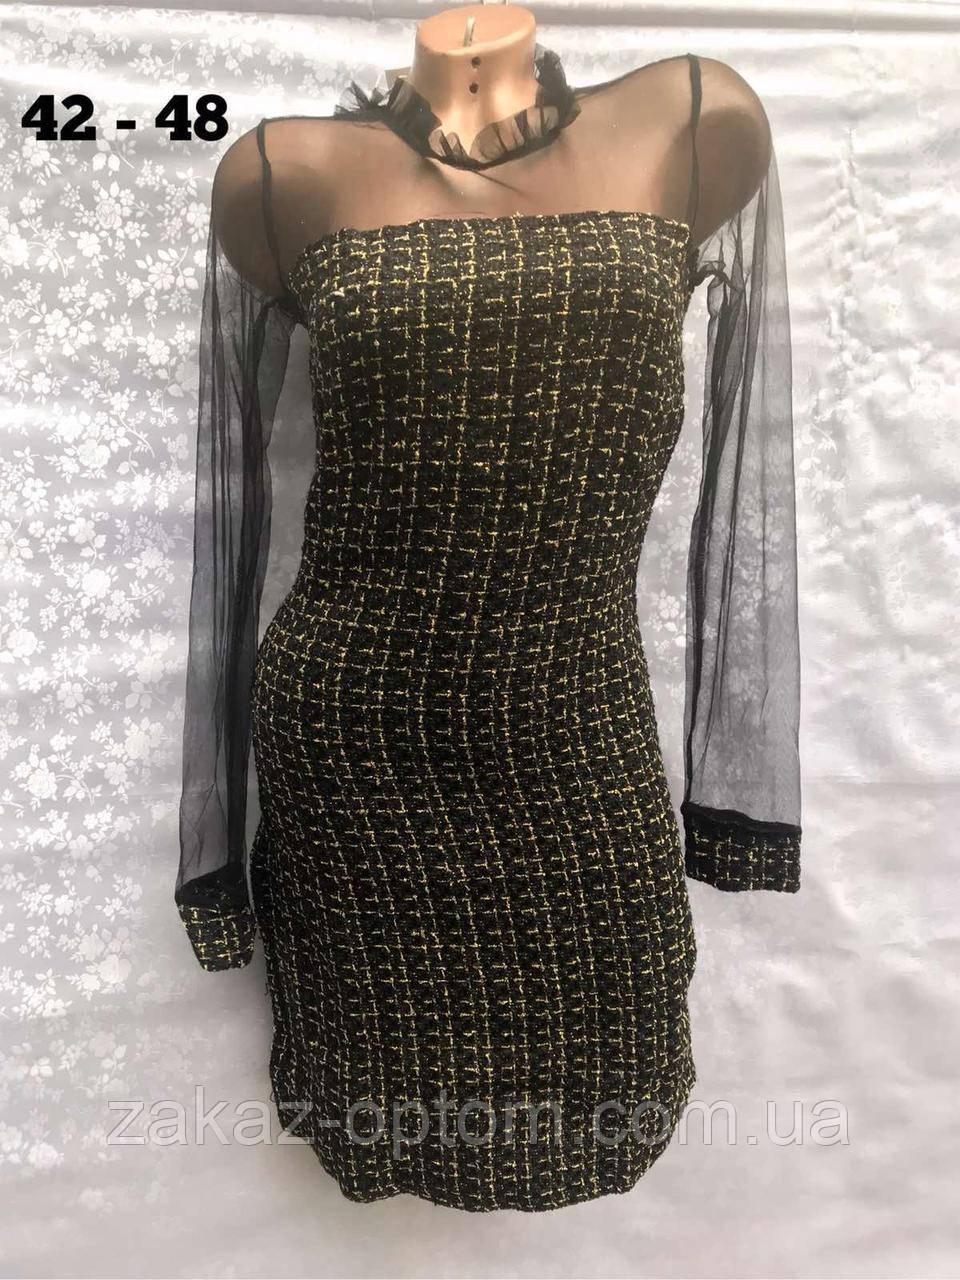 Платье женское оптом(42-48)Украина-64898